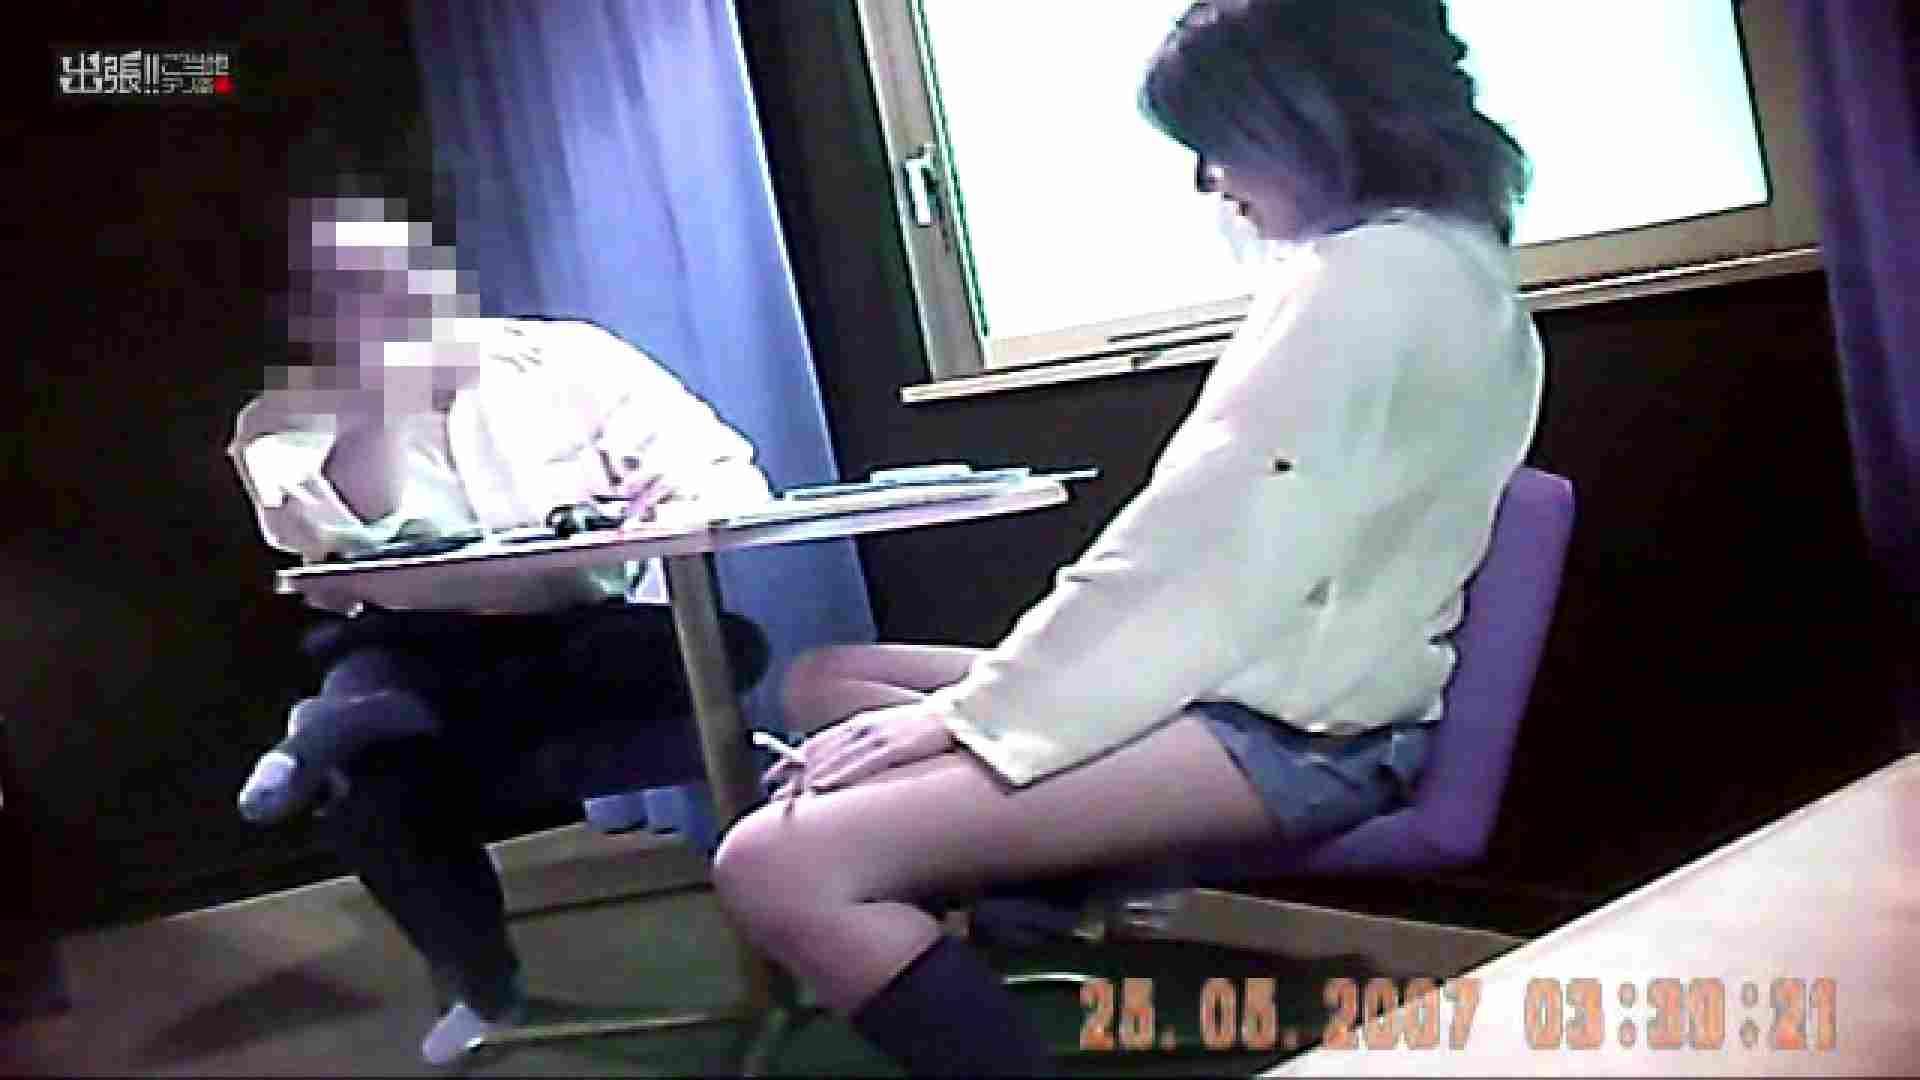 出張リーマンのデリ嬢隠し撮り第3弾vol.5 超エロ女子大生 オマンコ無修正動画無料 103枚 41